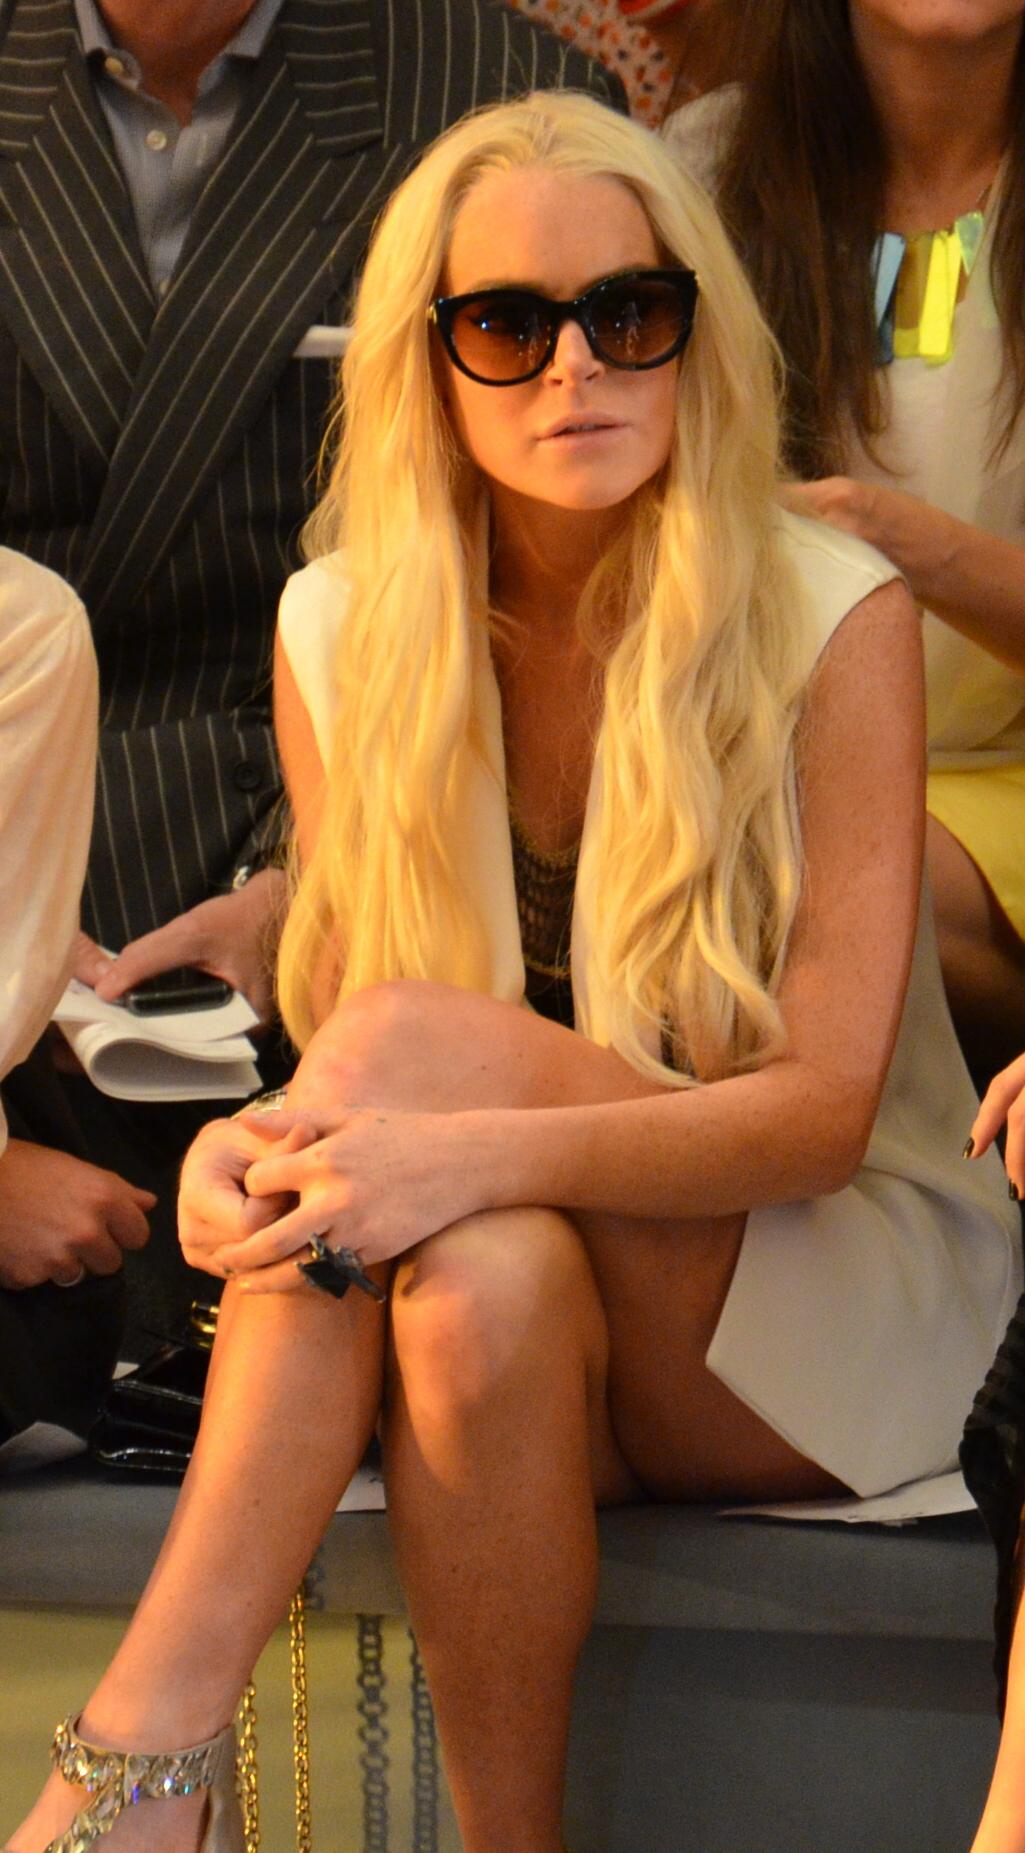 Lindsay_Lohan_at_Cynthia_Rowley.jpg